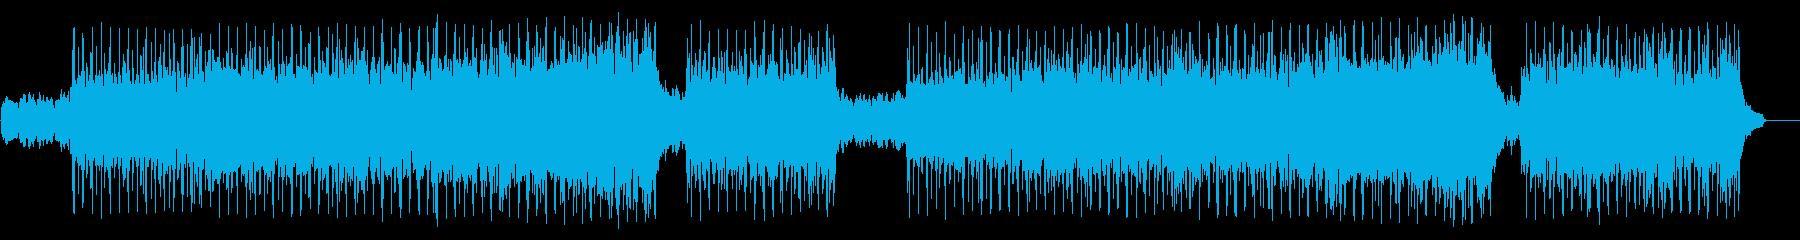 軽快なフュージョン(フルサイズ)の再生済みの波形